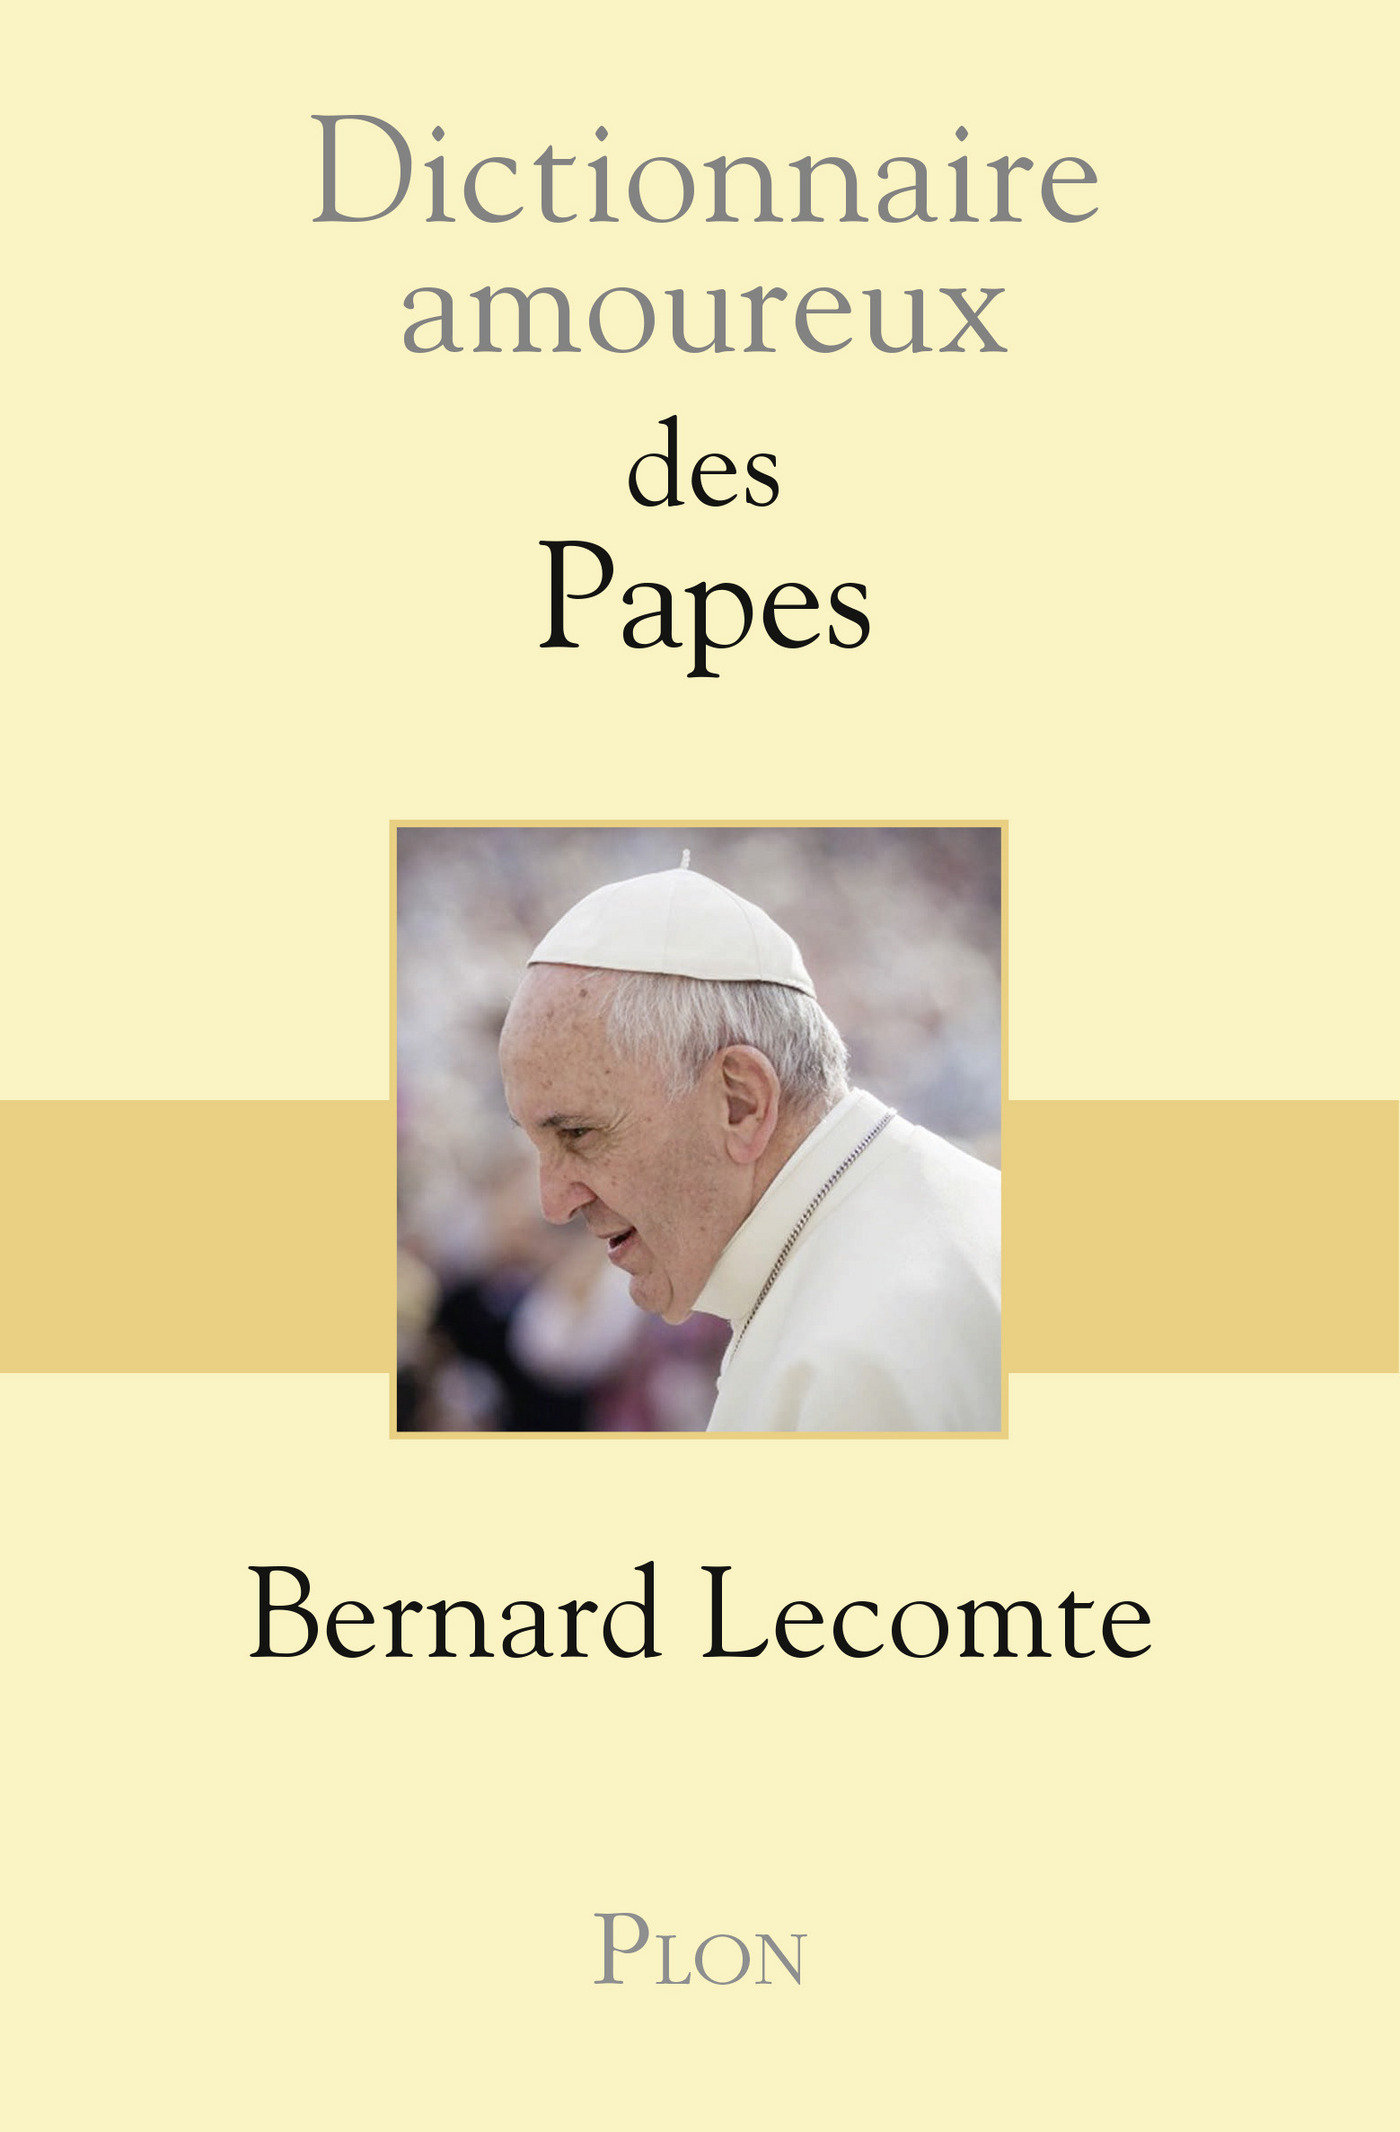 Dictionnaire amoureux des Papes (ebook)